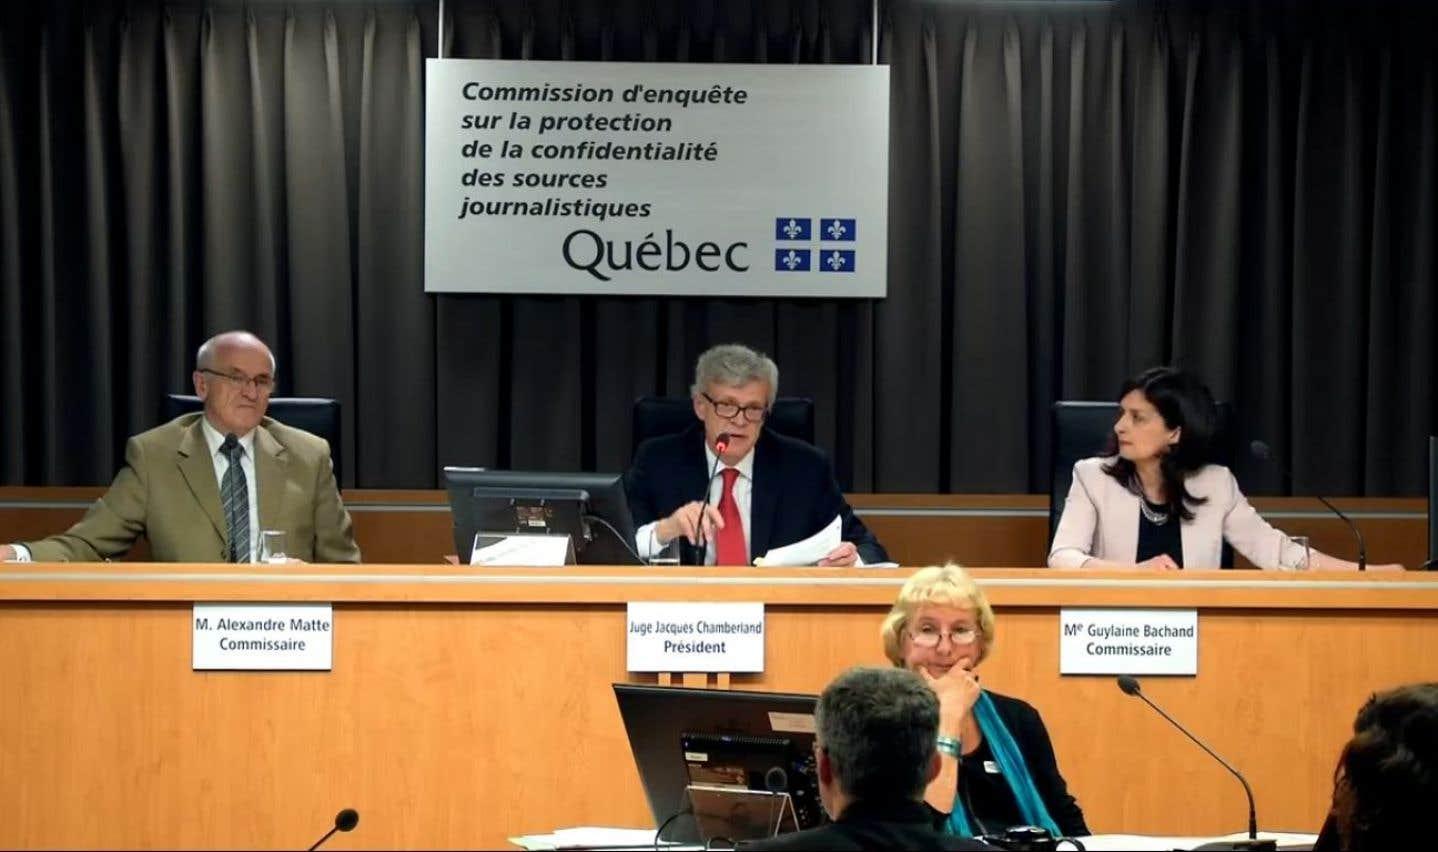 Commission Chamberland: le SPVM a surveillé les échanges de courriels de sept journalistes